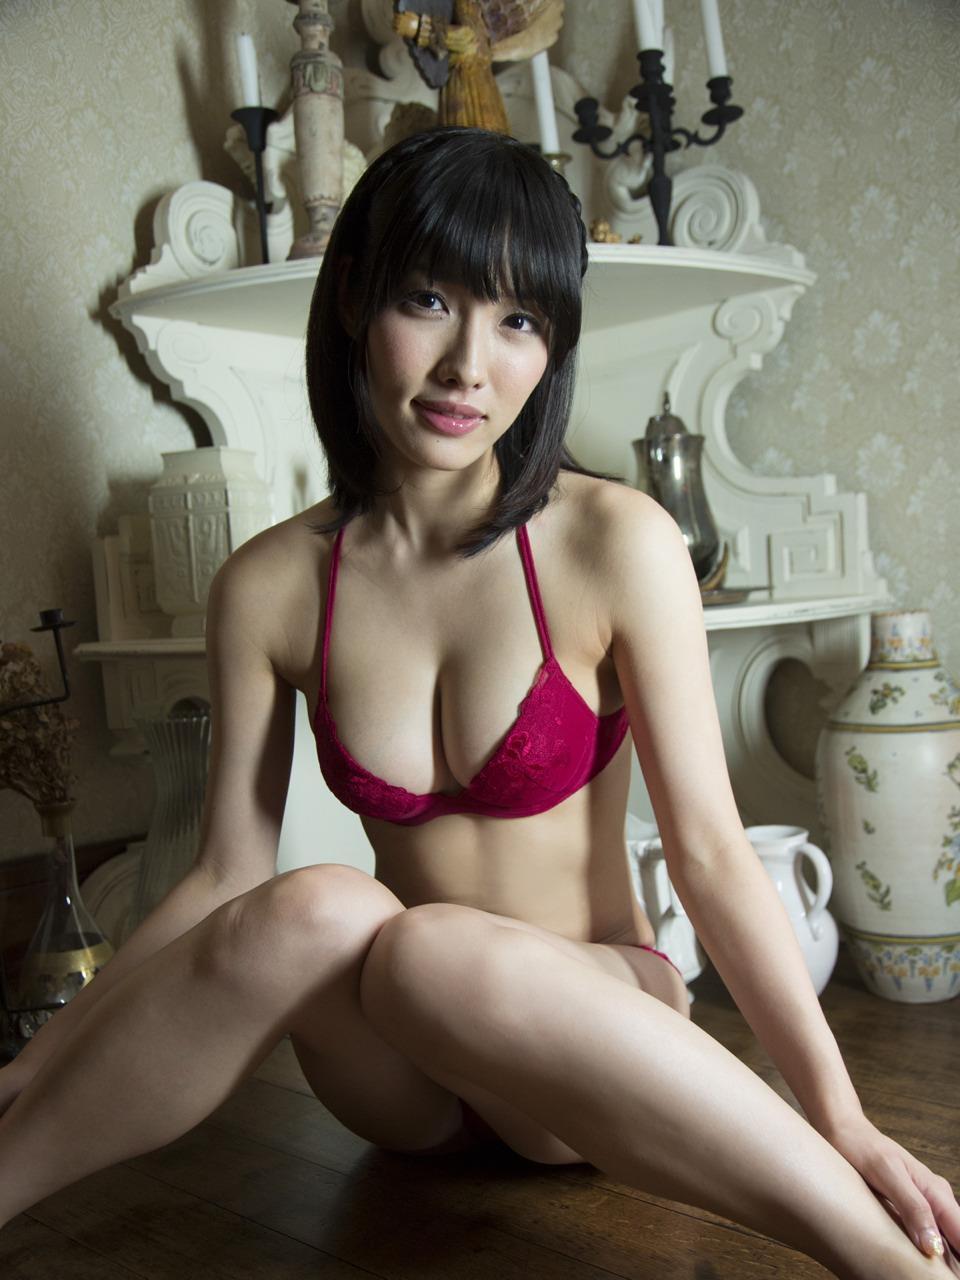 今野杏南さんの水着